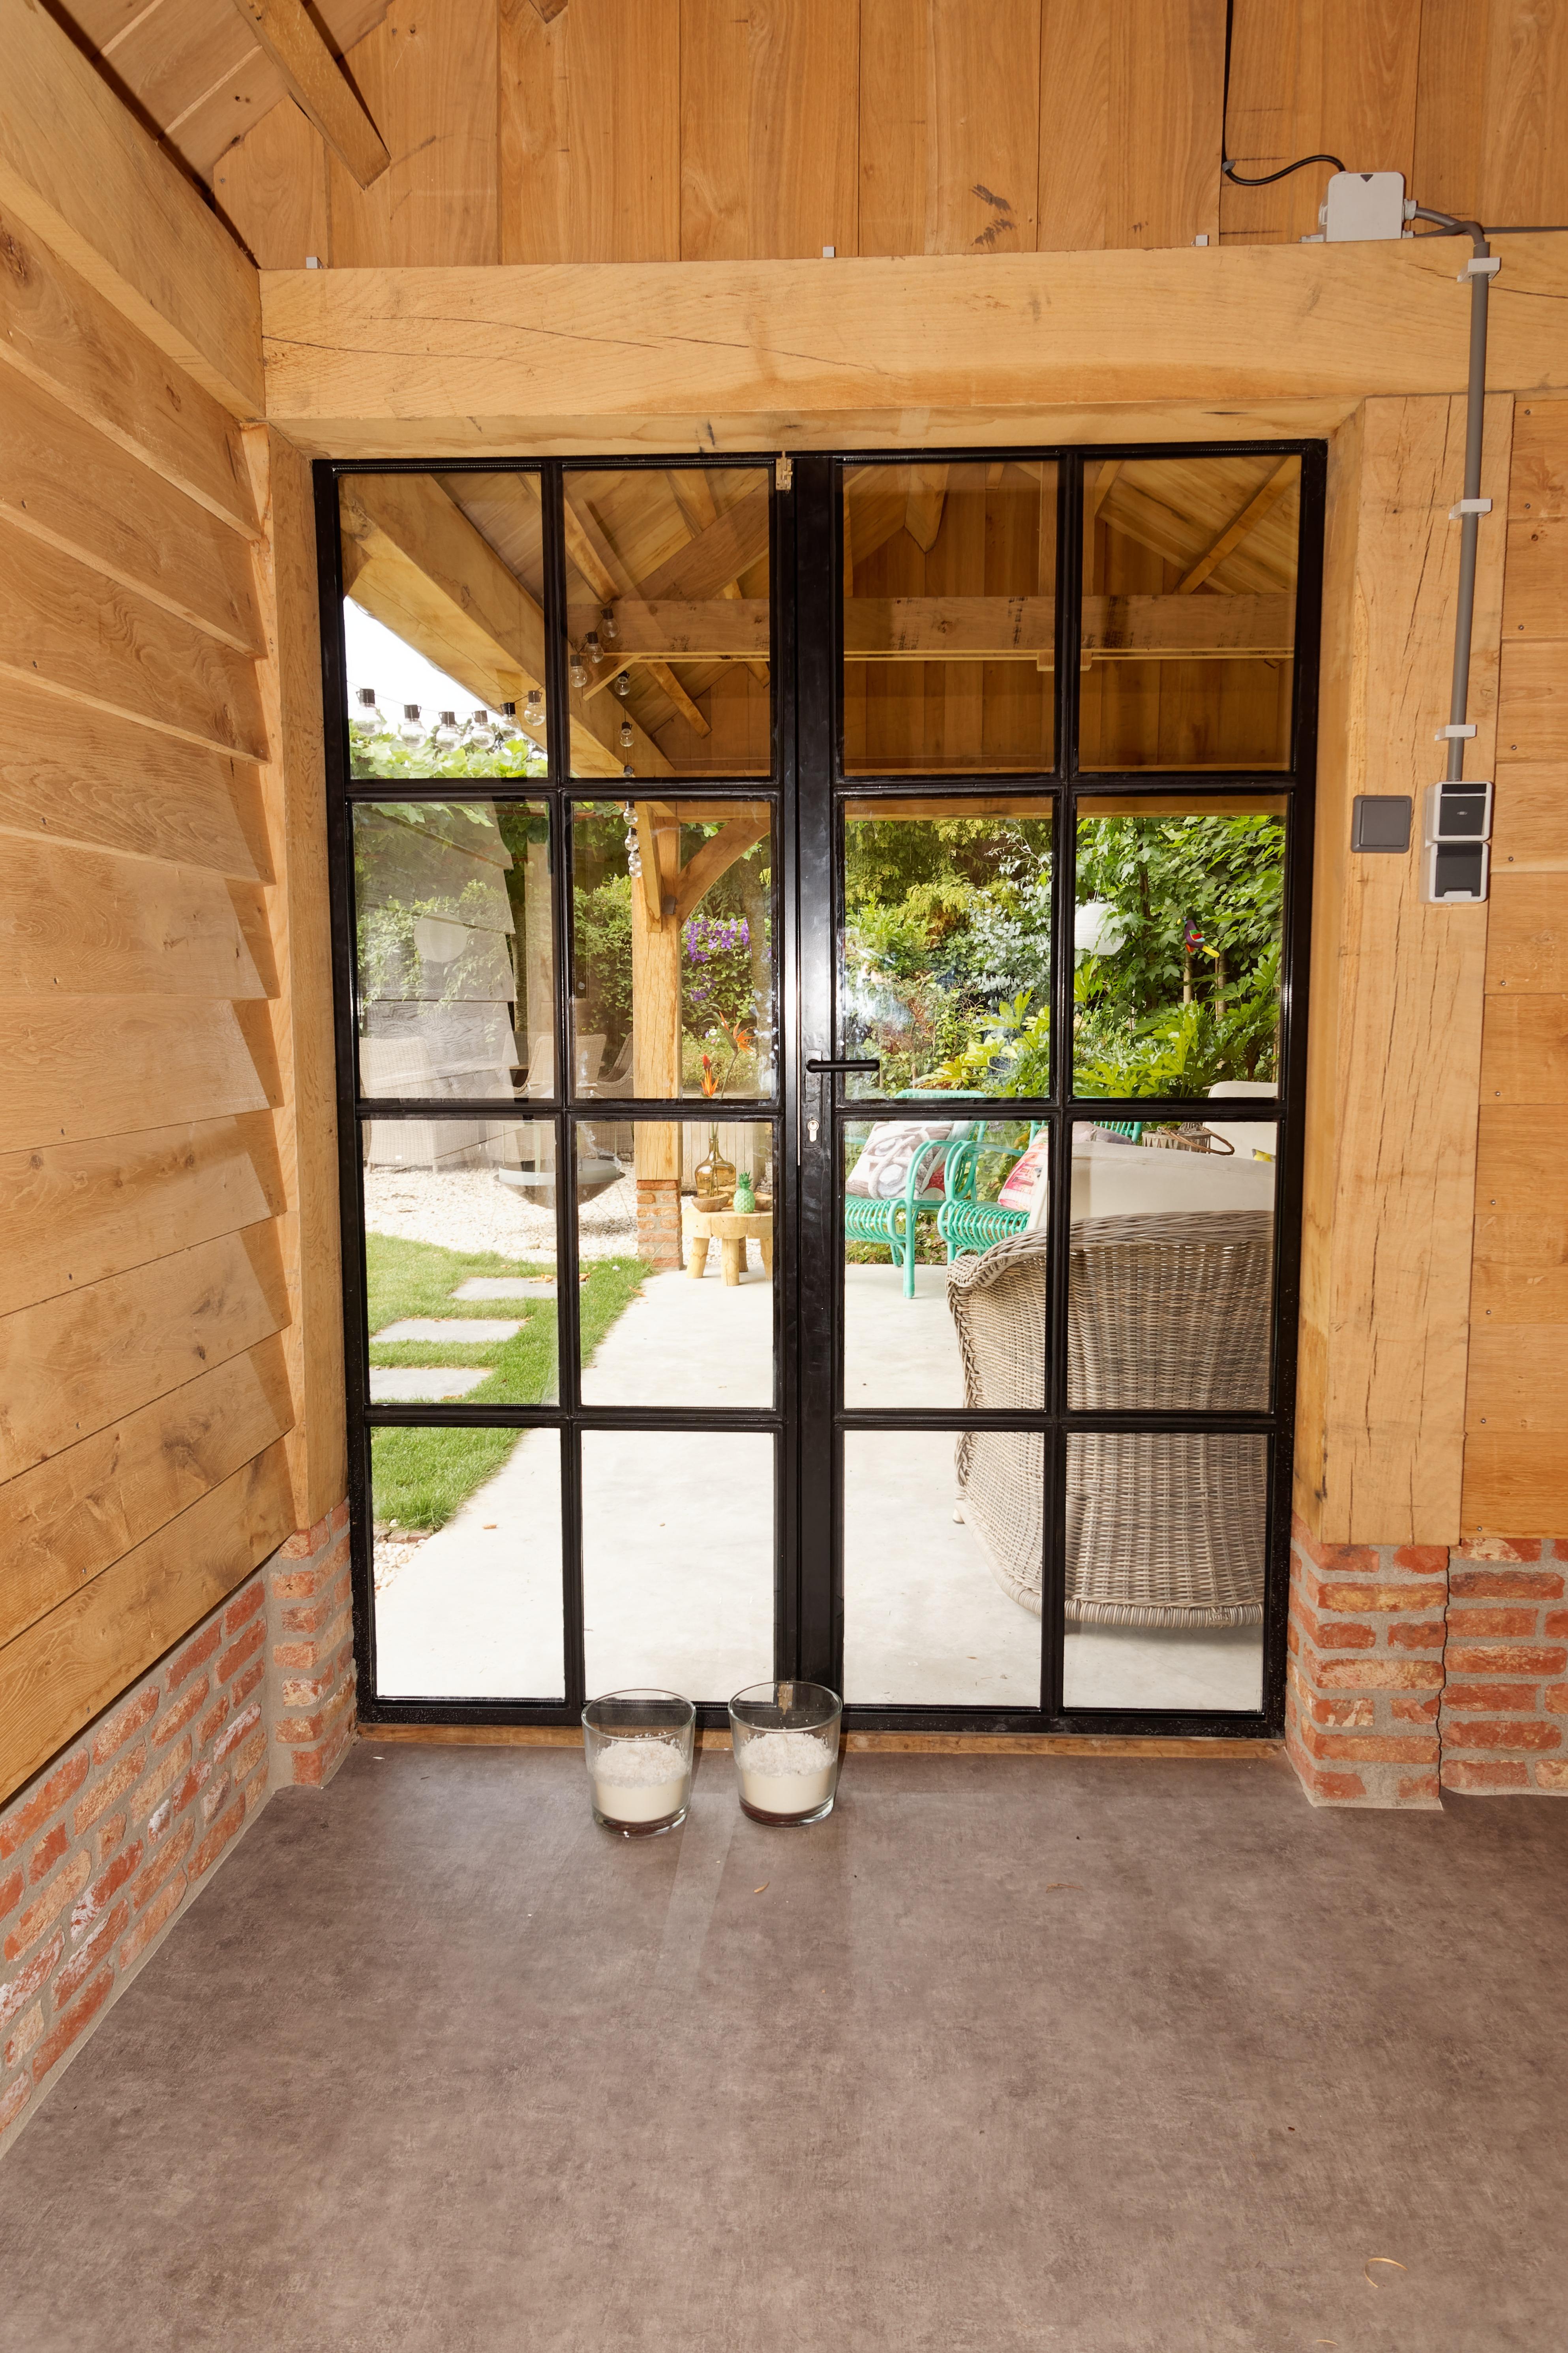 Eiken-kapschuur-met-veranda-12 - Eiken schuur met overkapping.